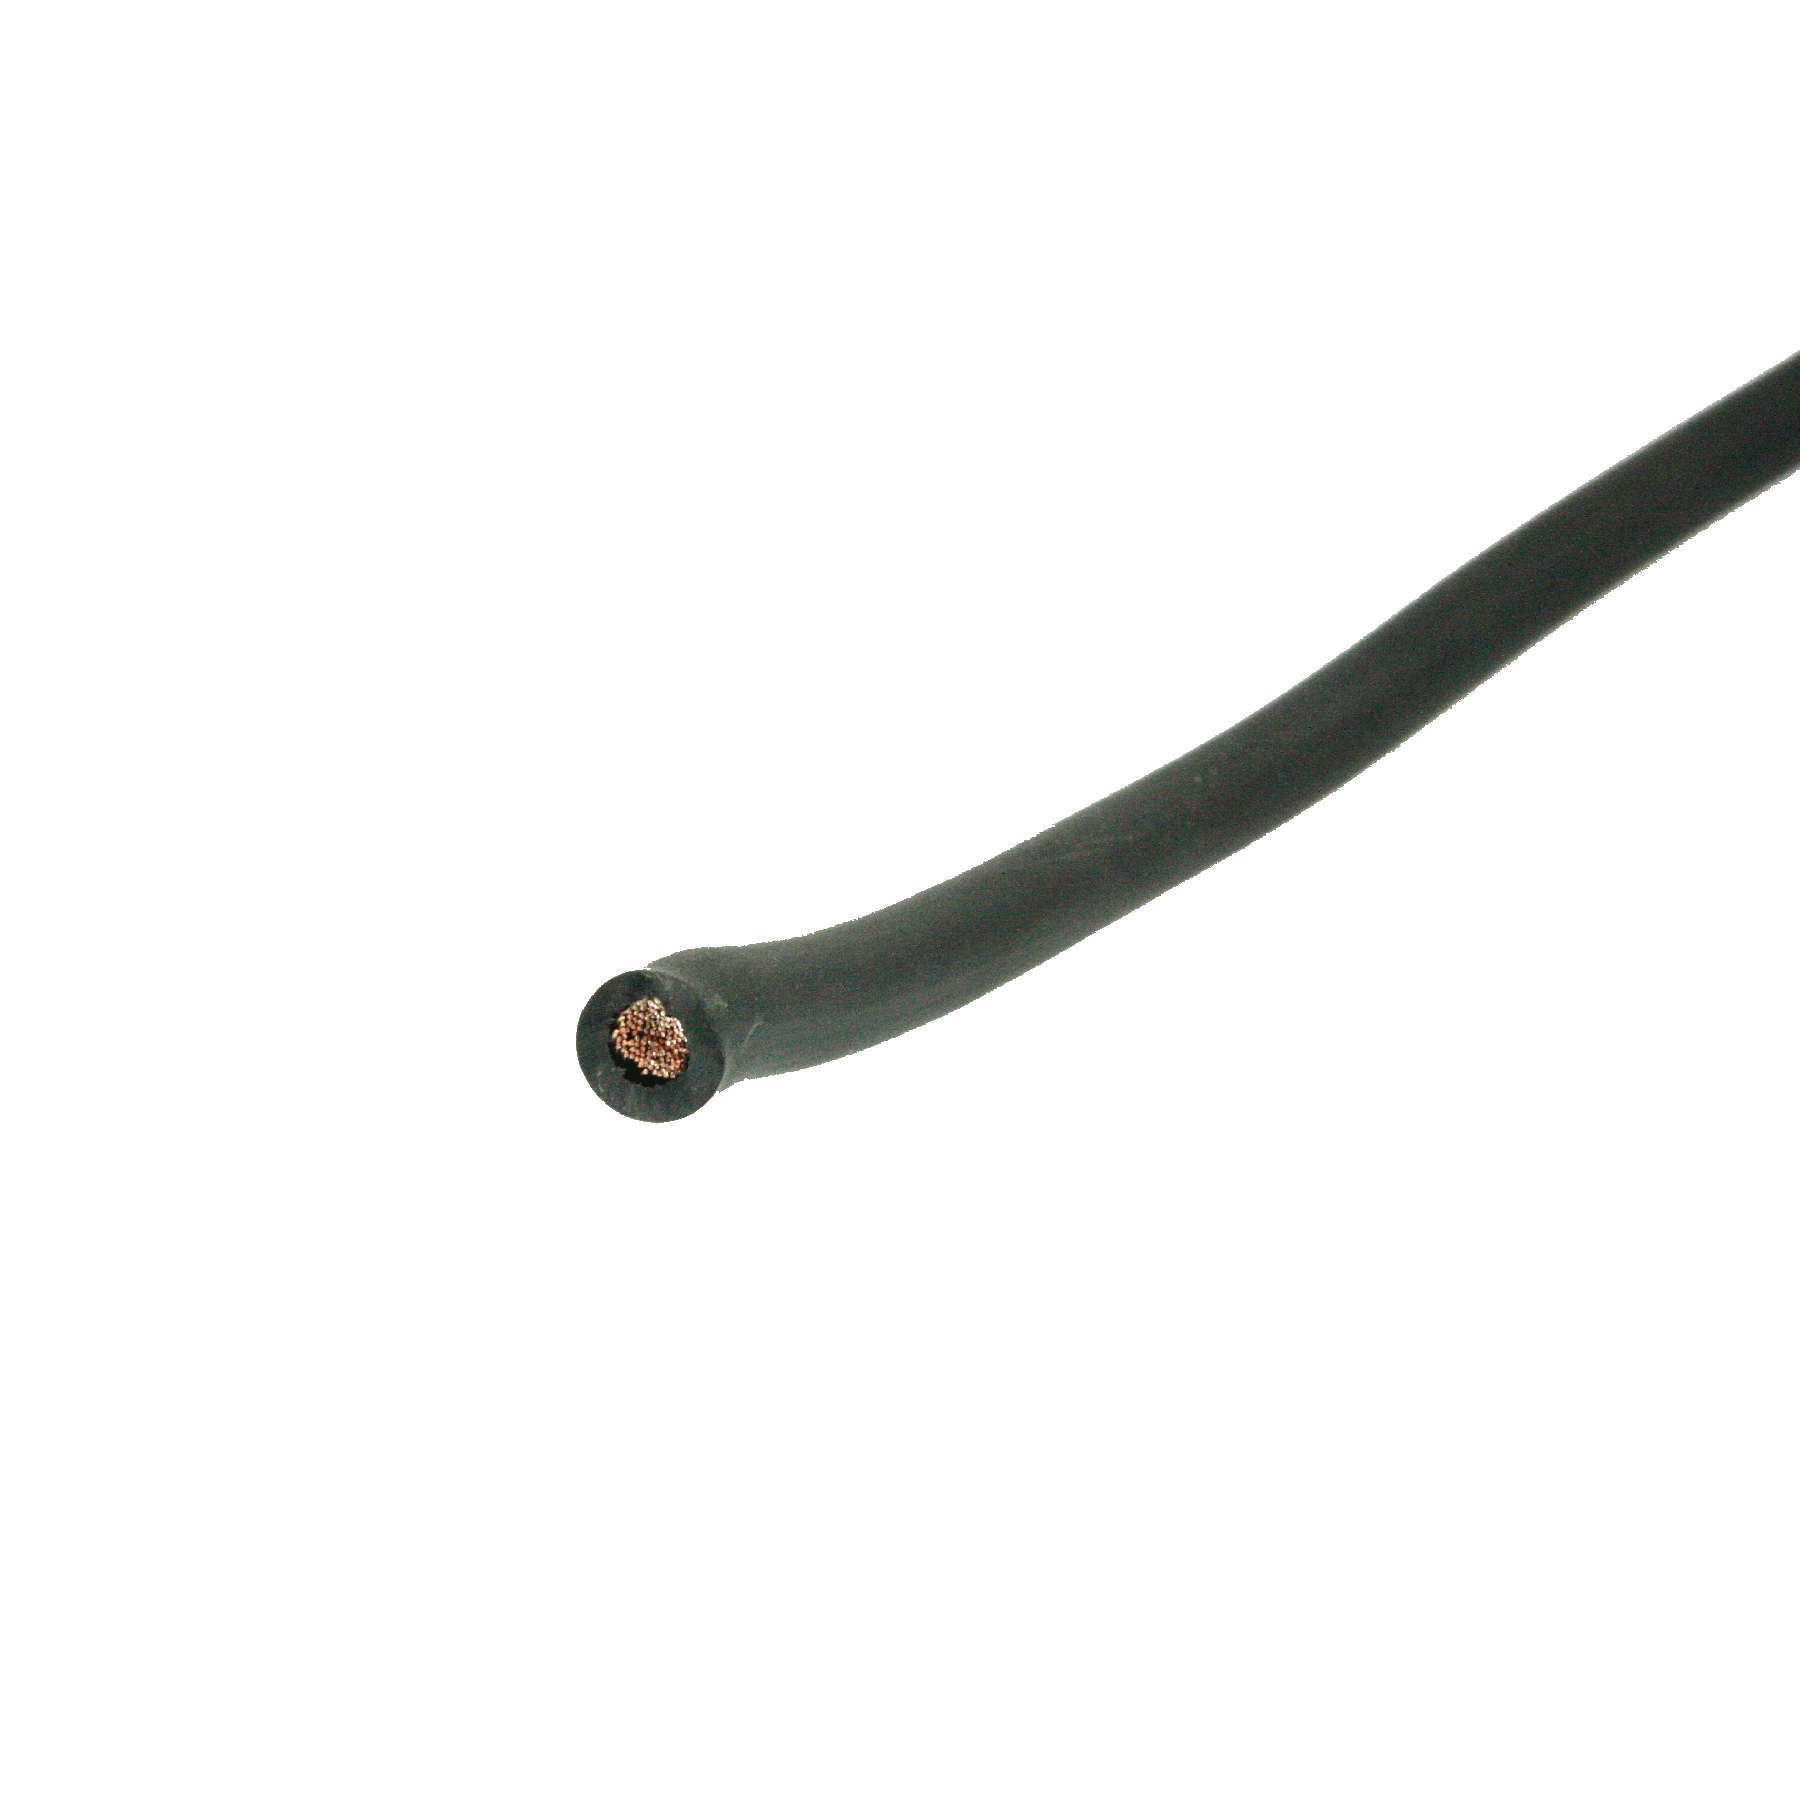 Las / startkabel 10mmq zwart pvc (50)